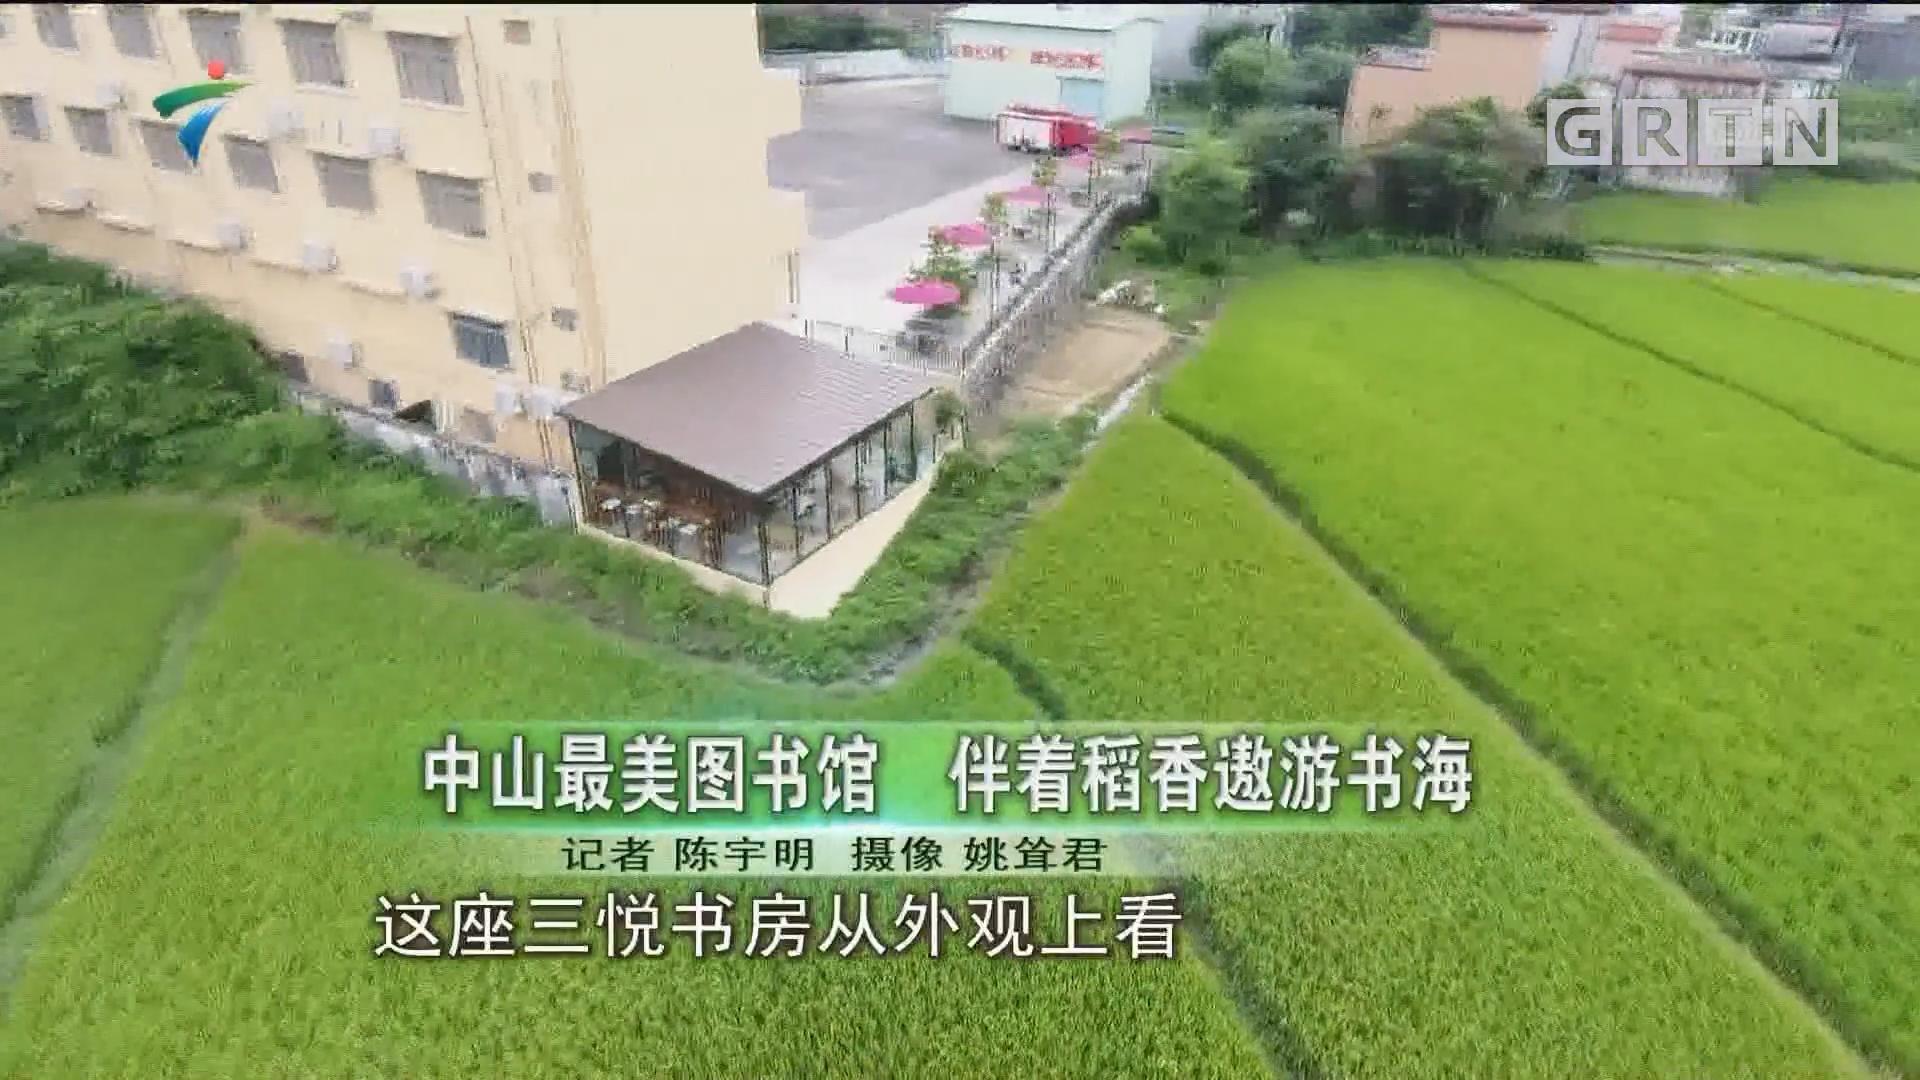 中山最美图书馆 伴着稻香遨游书海